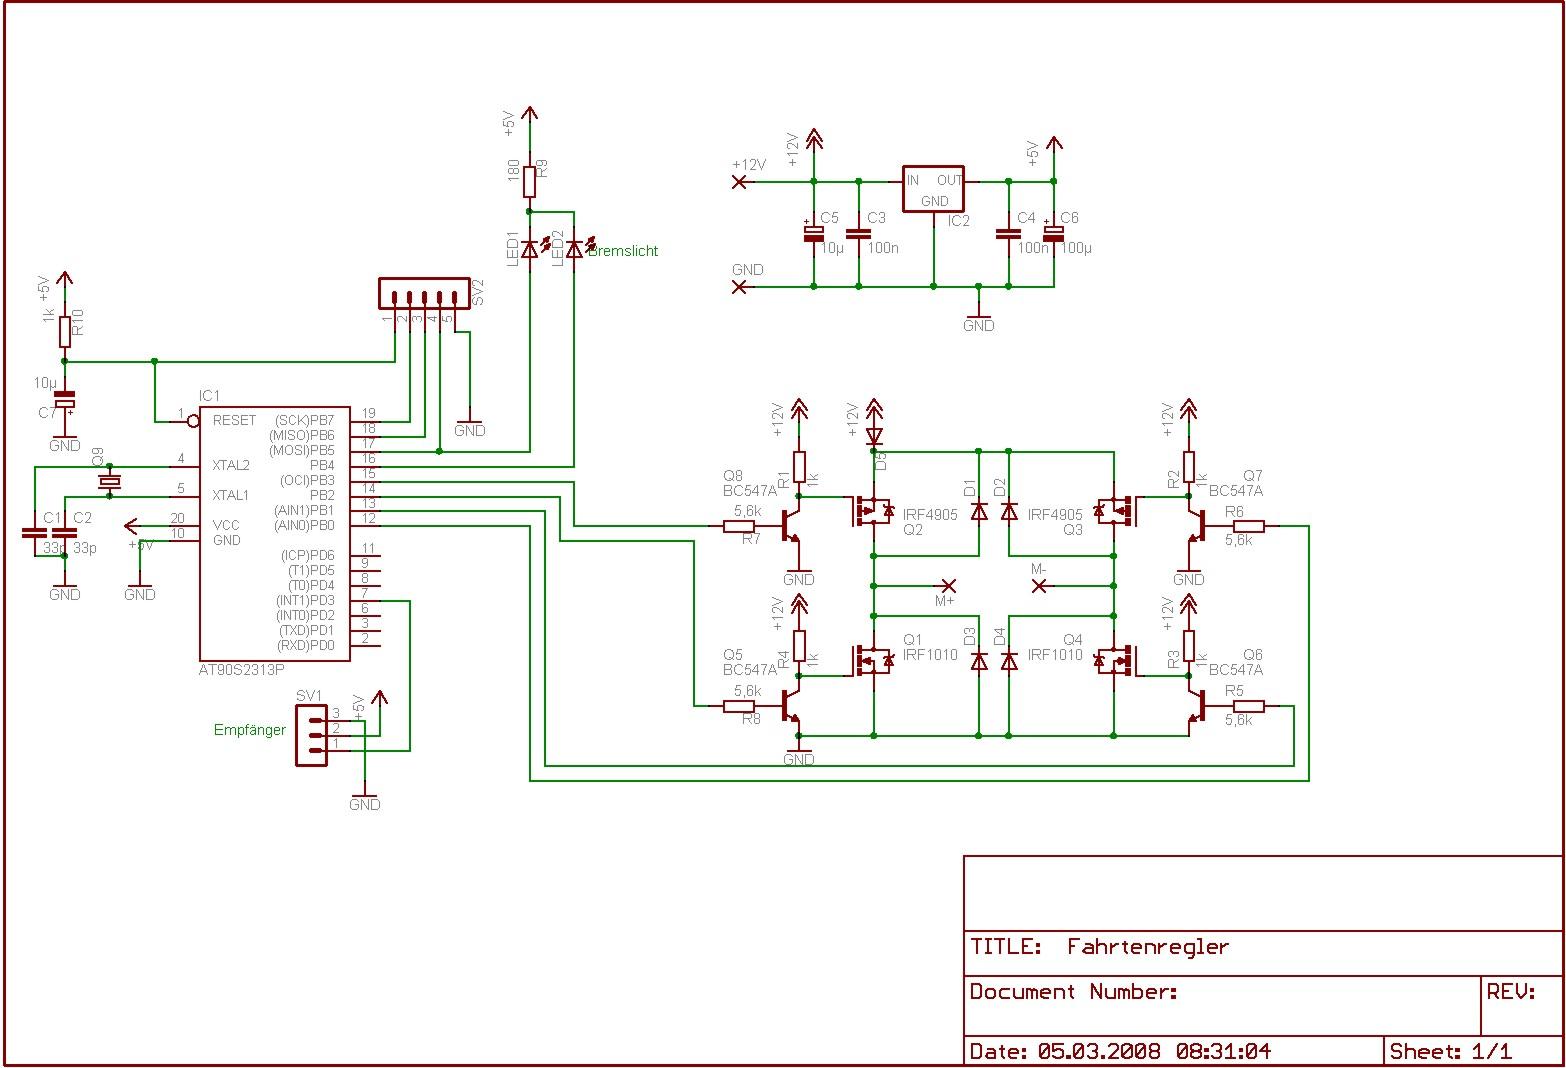 Fahrtenregler mit Bremse so möglich? - Mikrocontroller.net